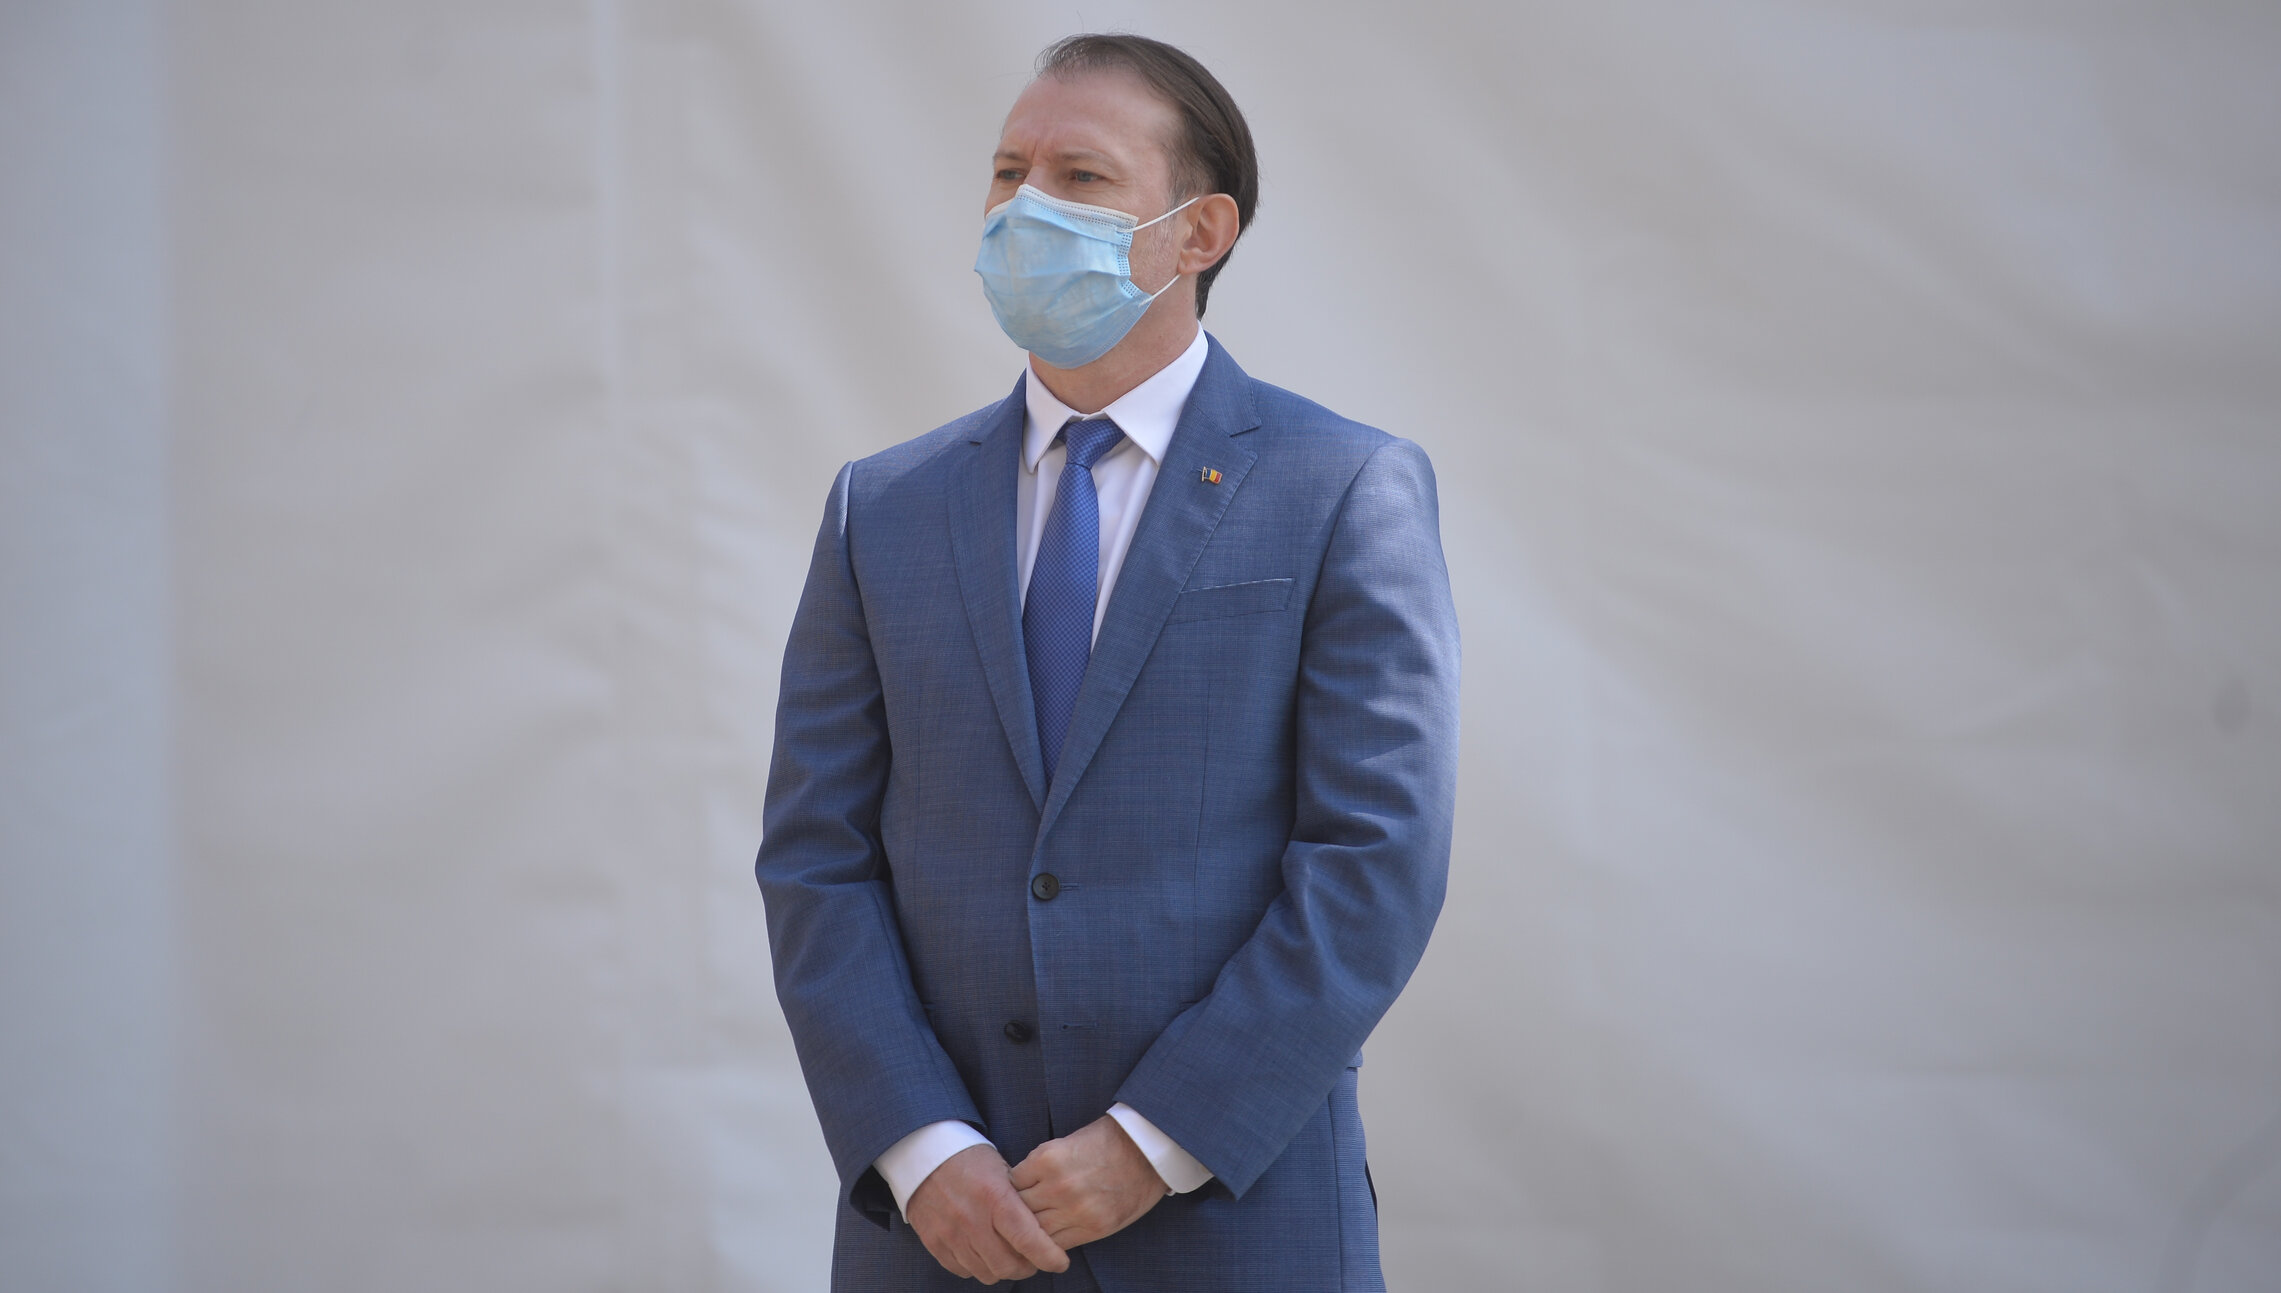 Cîțu: Revenim la normal când vaccinăm 10 milioane de persoane. Fără restricții, fără mască